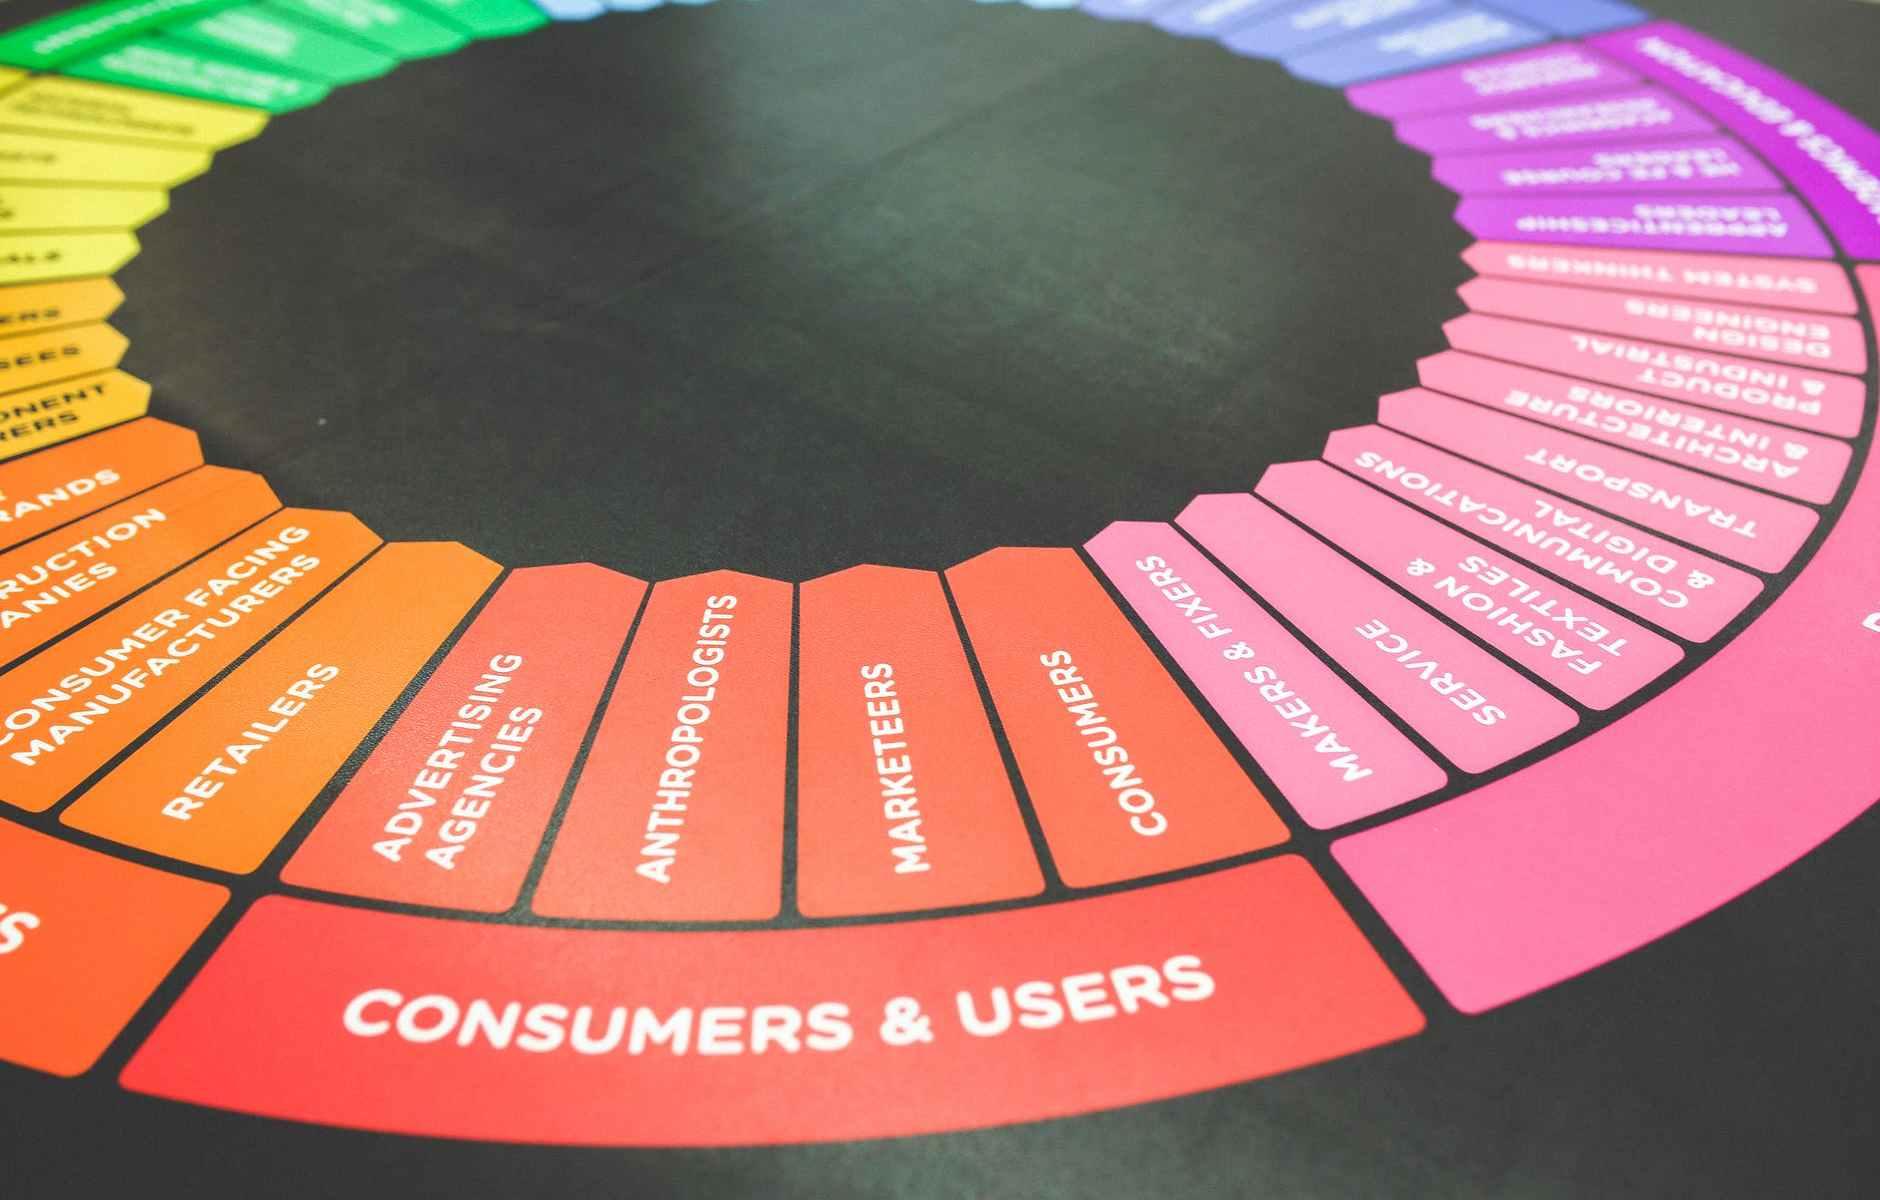 챗봇 준비 단계: 고객 분석 / Chatbot Preparation: Customer Analysis